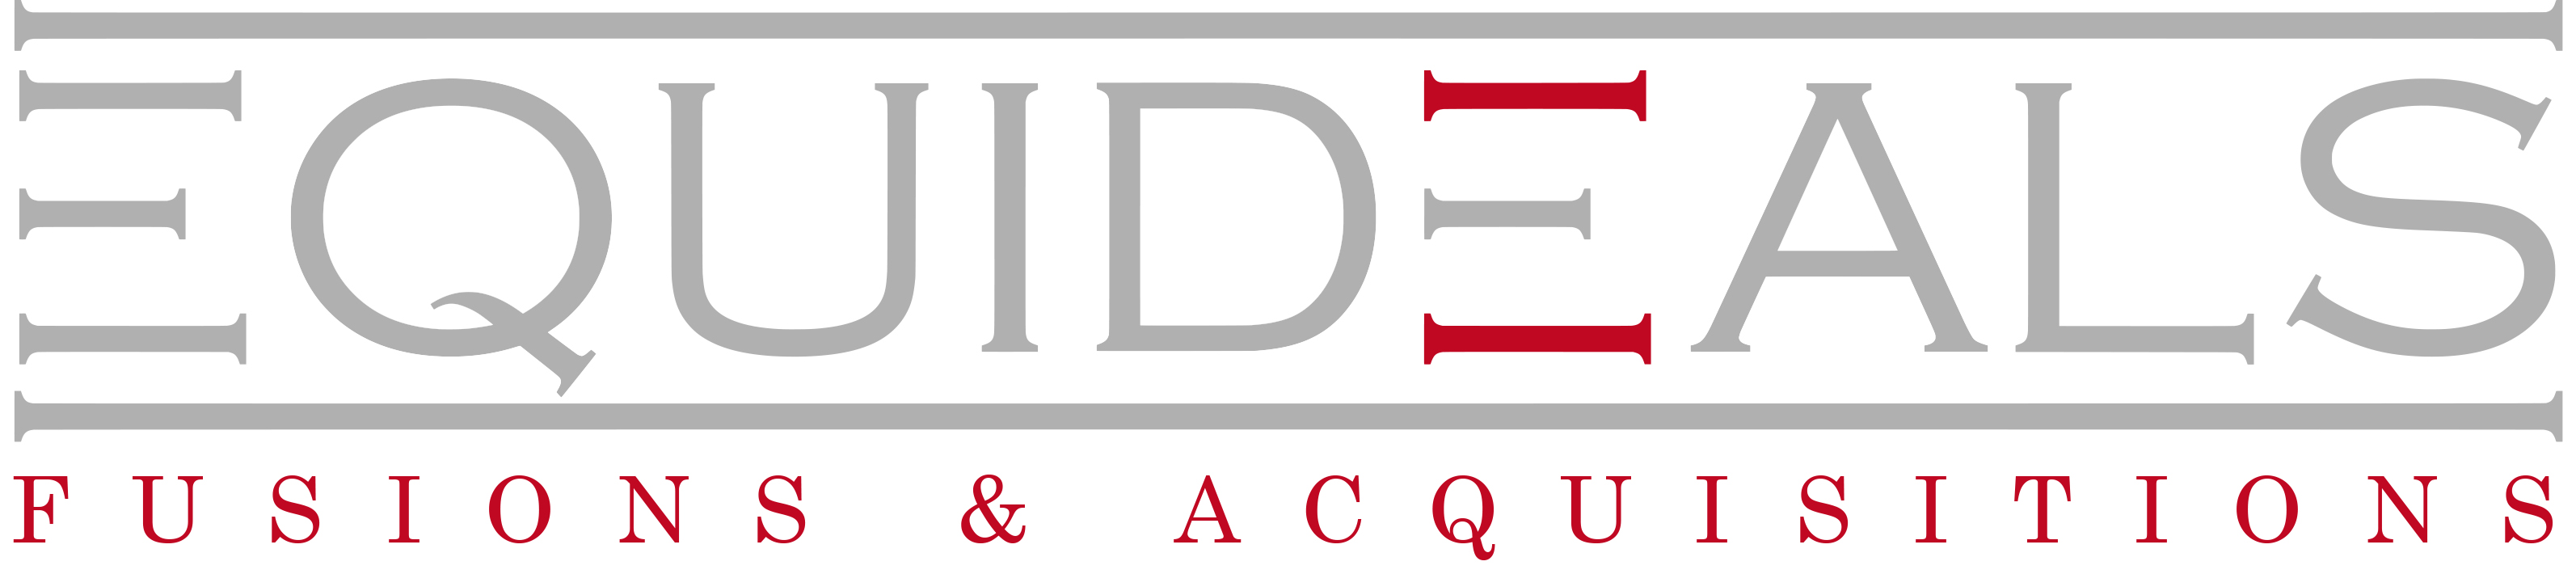 the Equideals logo.